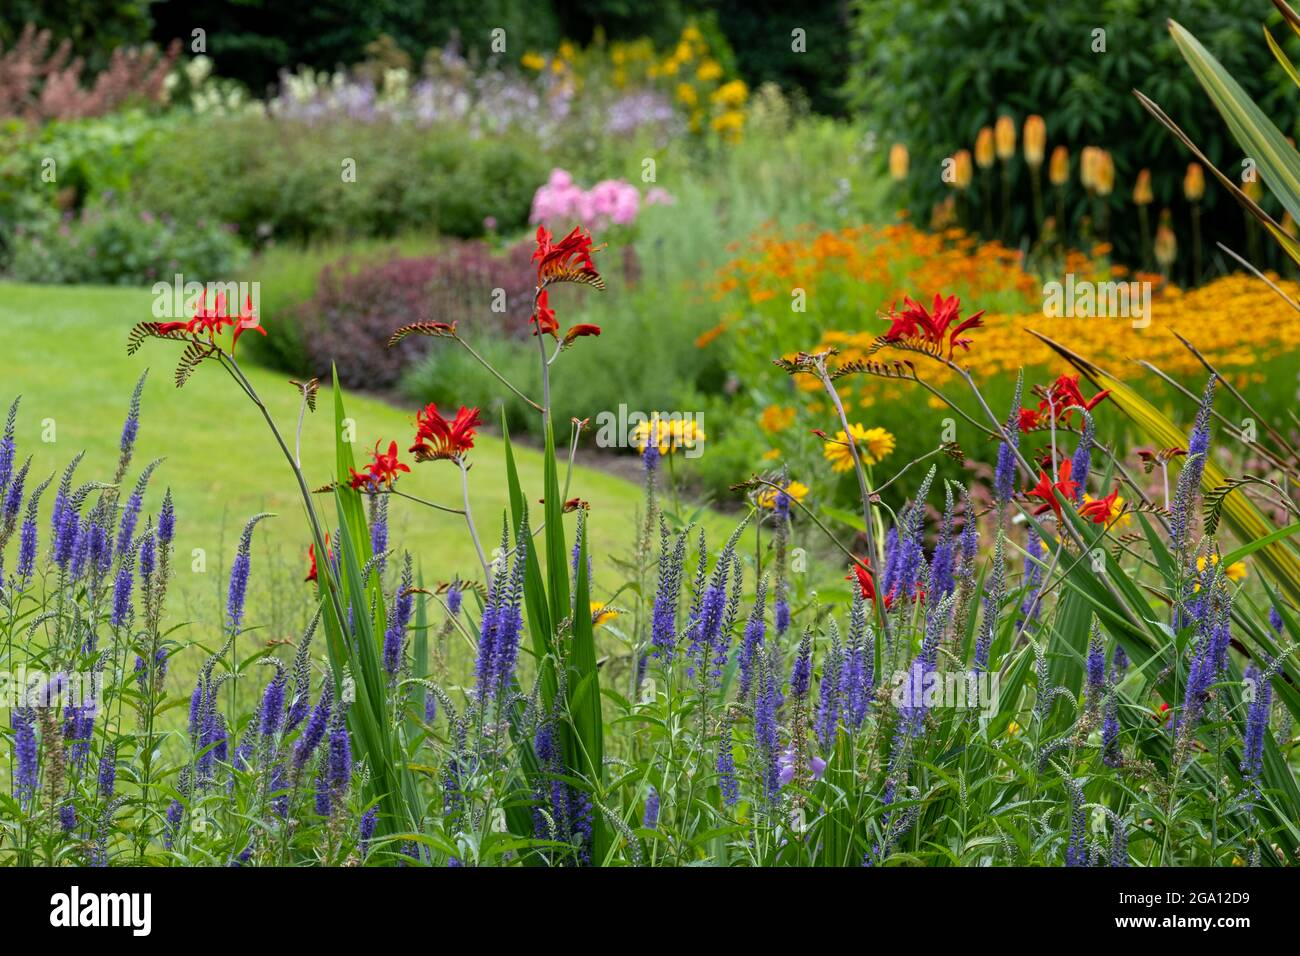 Bressingham Gardens in der Nähe von Diss in Norfolk. Farbenfroher Garten in naturalistischem Pflanzstil mit breiter Farbpalette gepflanzt. Stockfoto